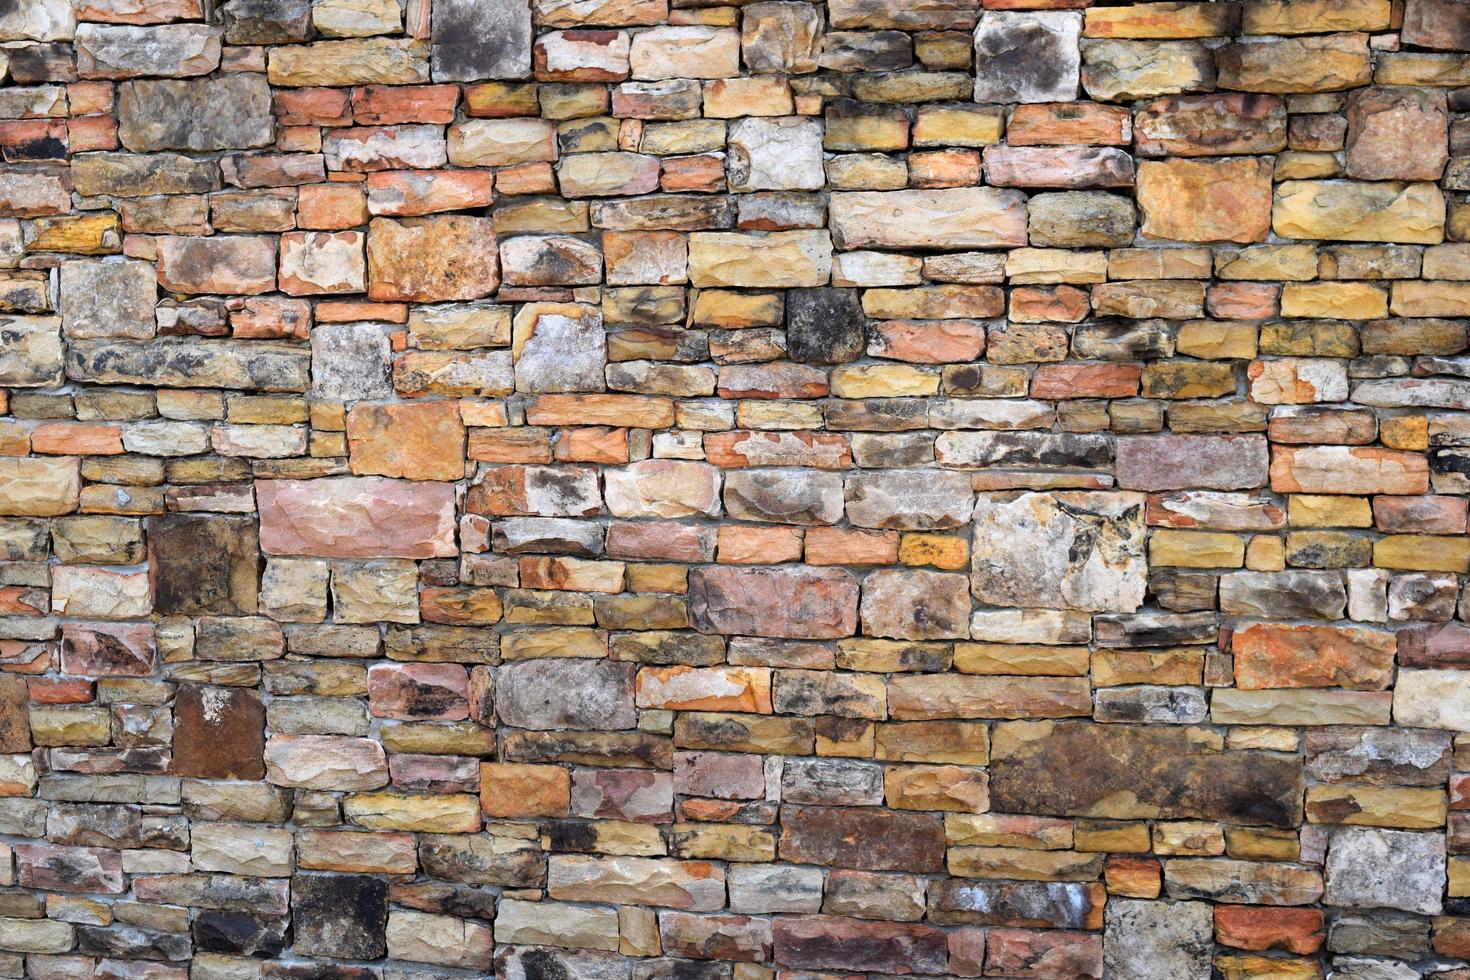 Brick wall, exterior view photo